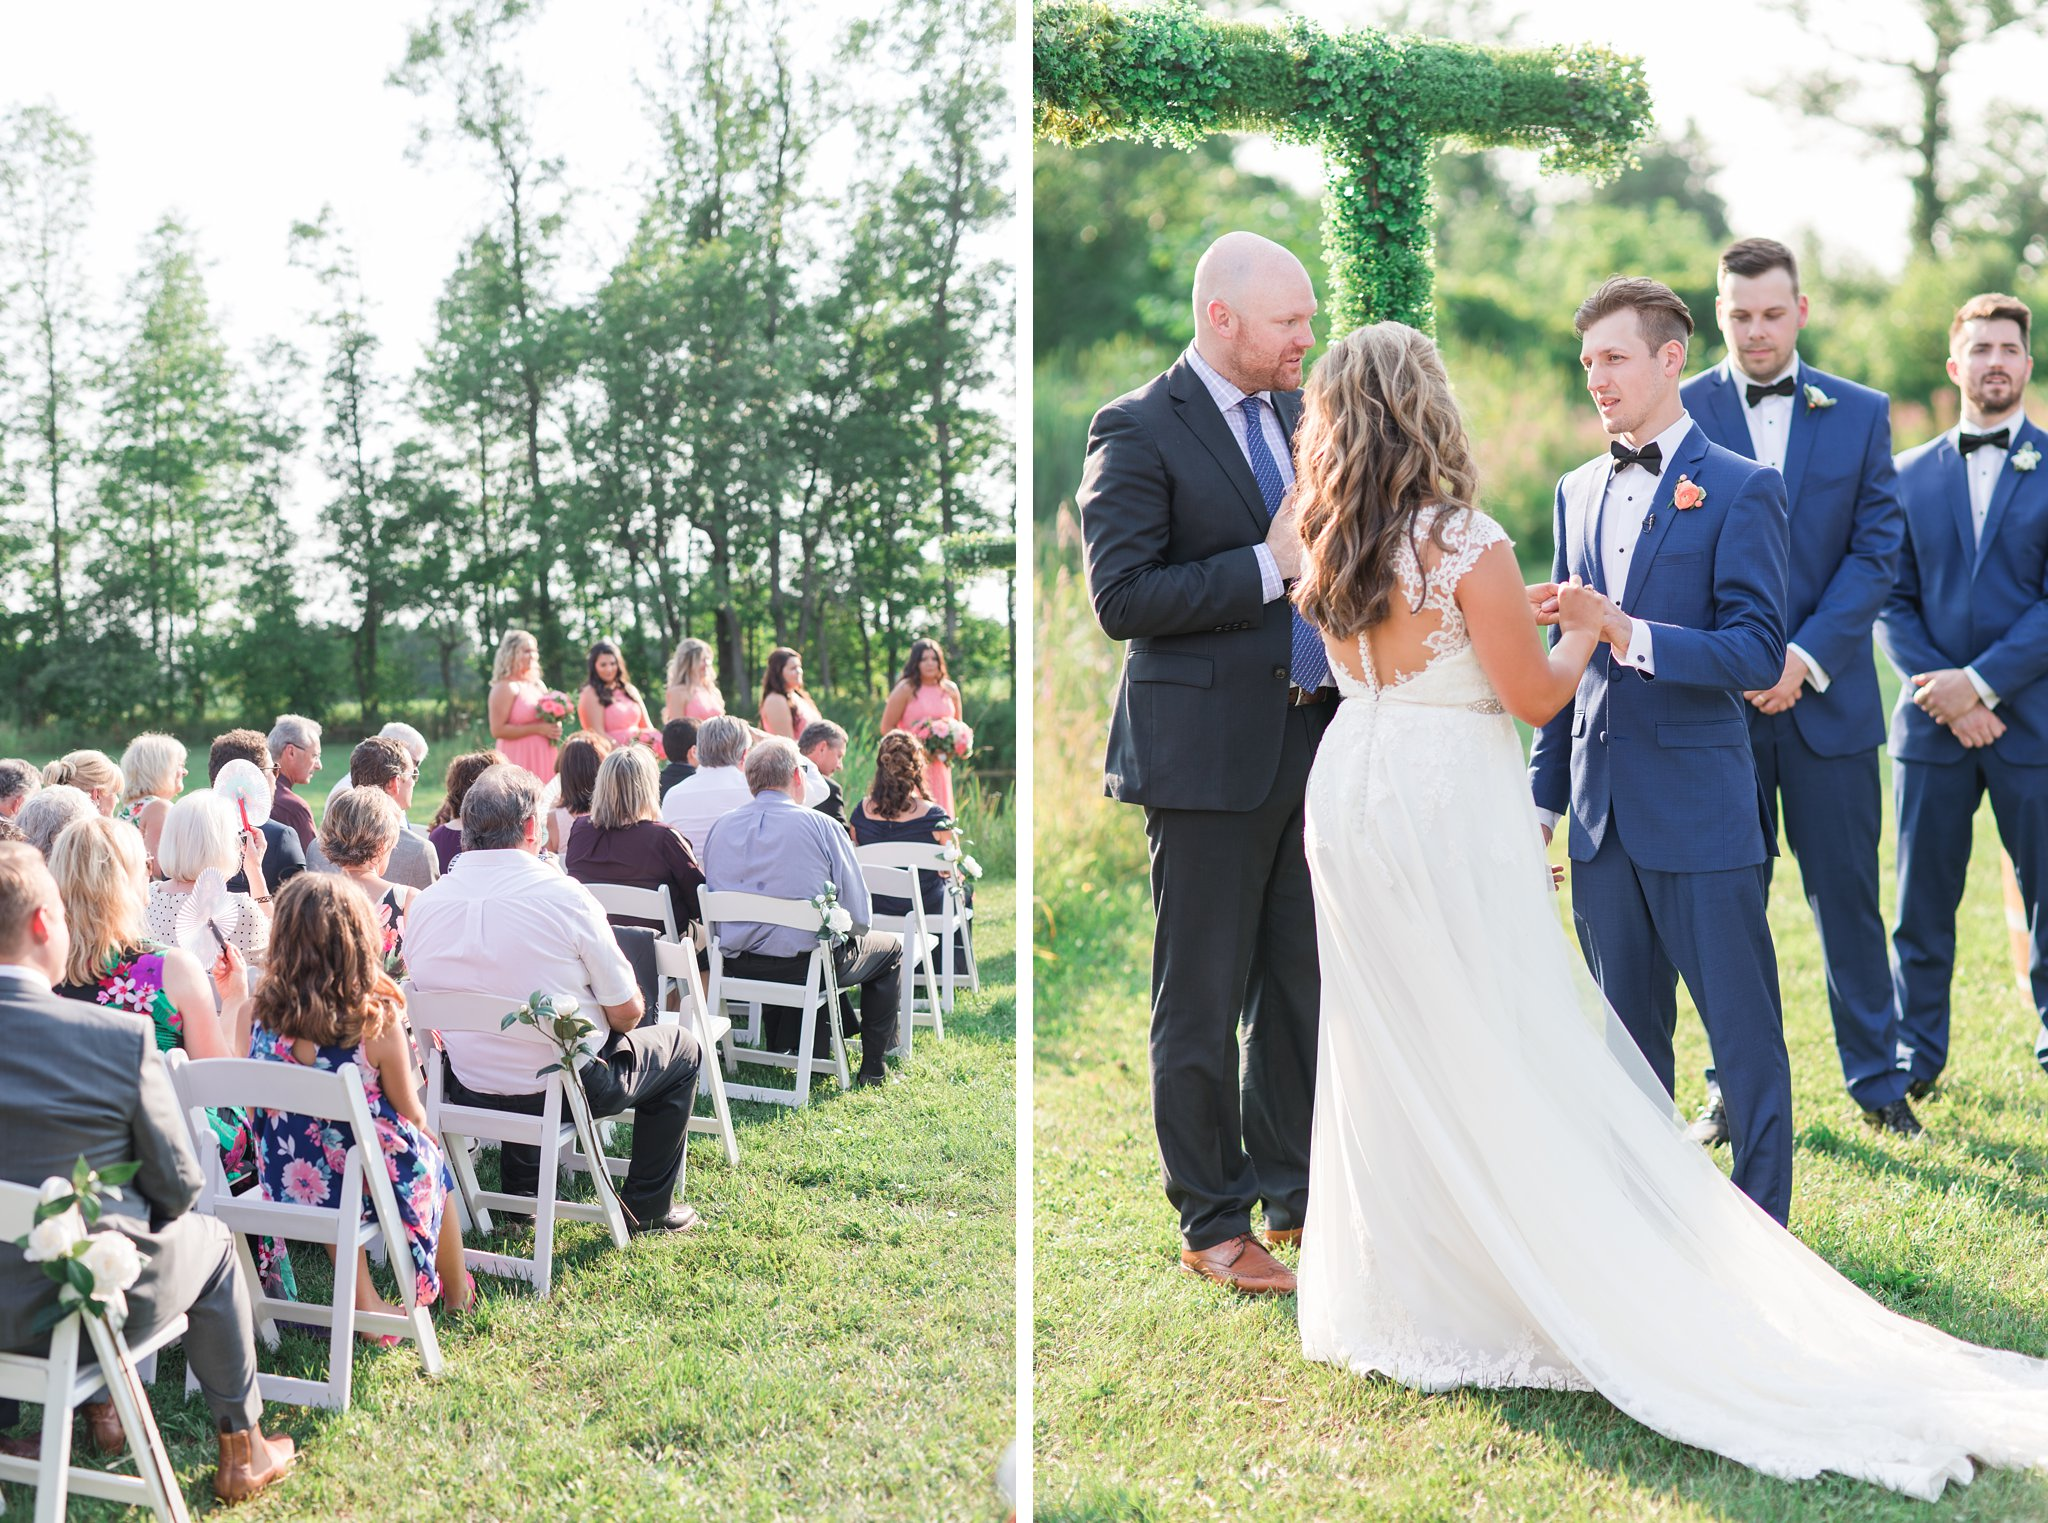 White ceremony chairs Vineyard wedding at Jabulani Amy Pinder Photography